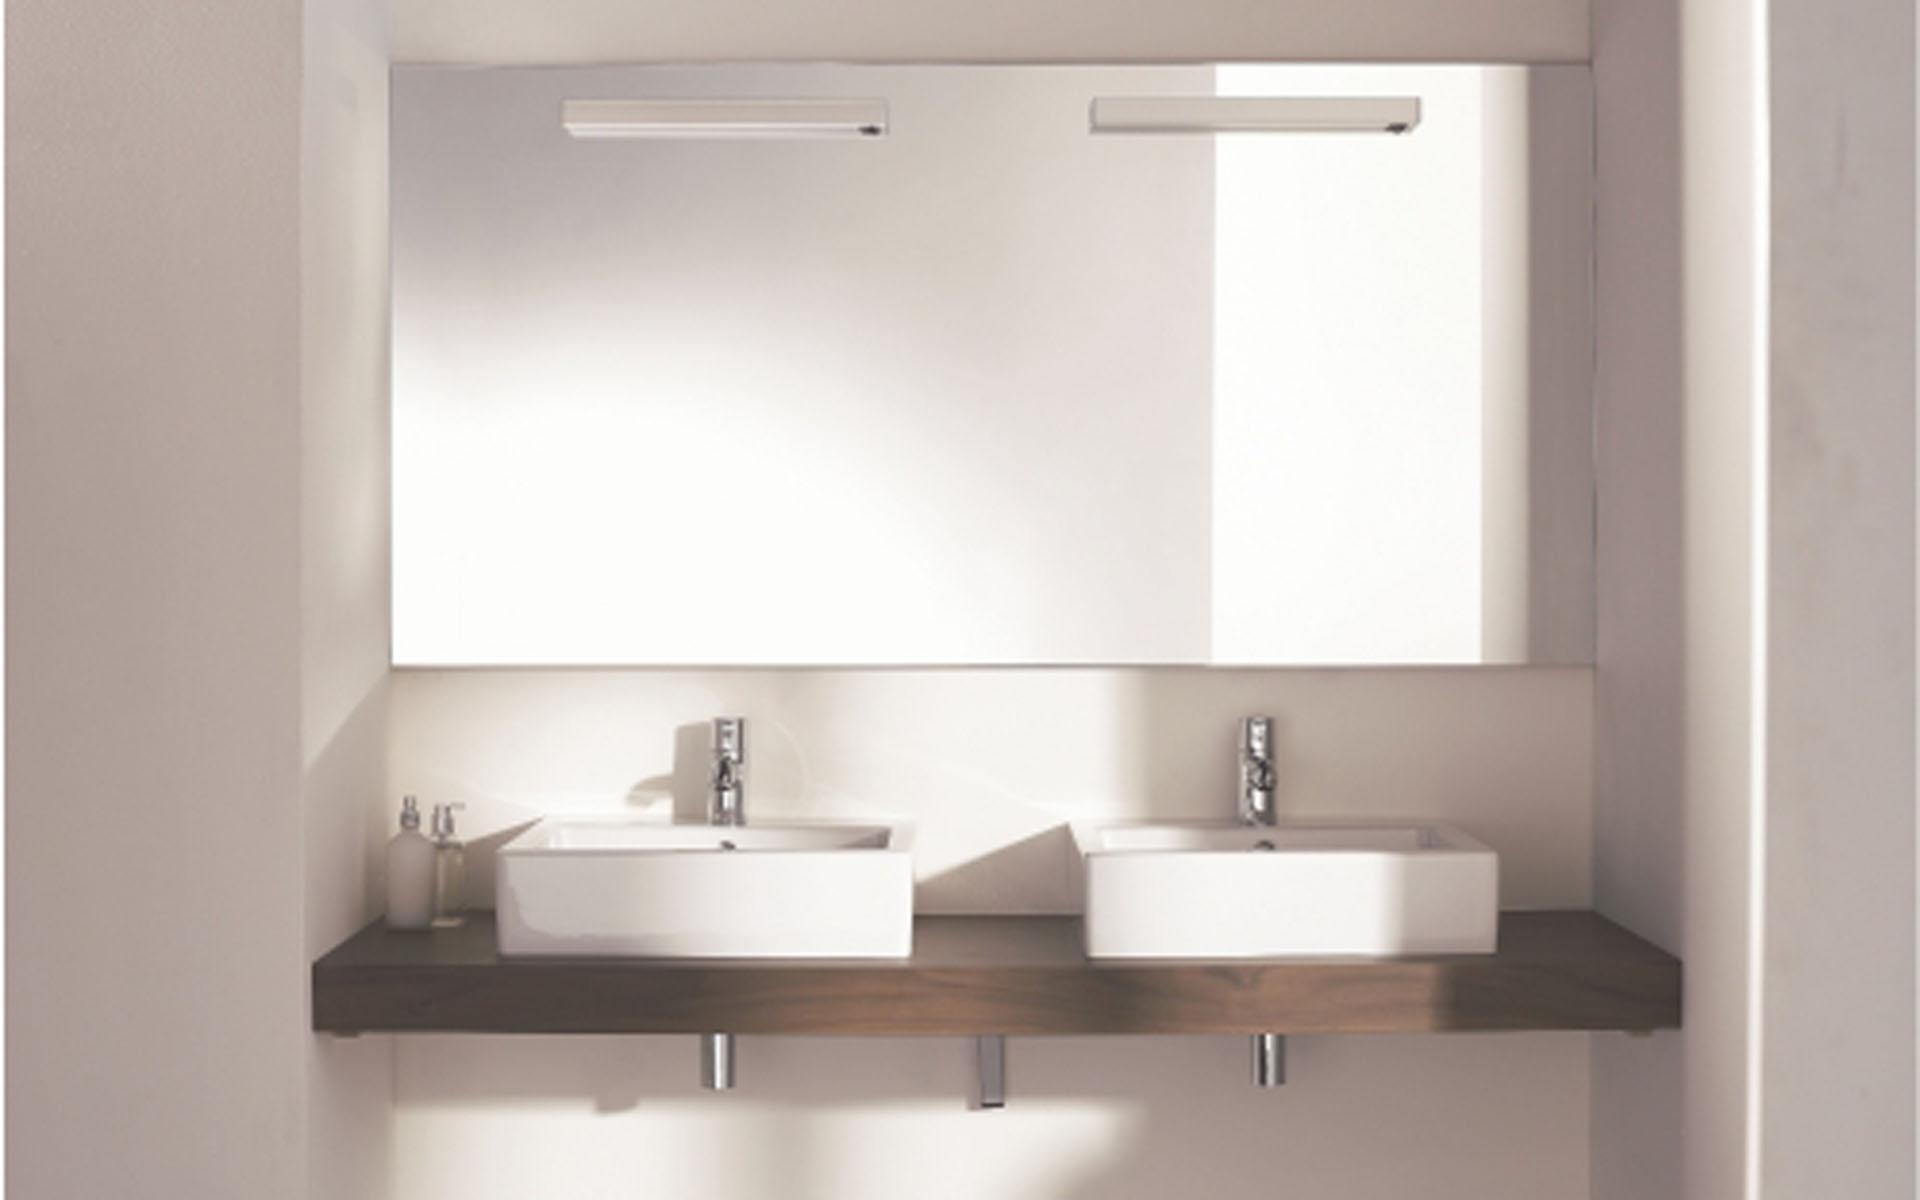 bagno ceramica doccia Duravit lavelli mobili sanitari vasche